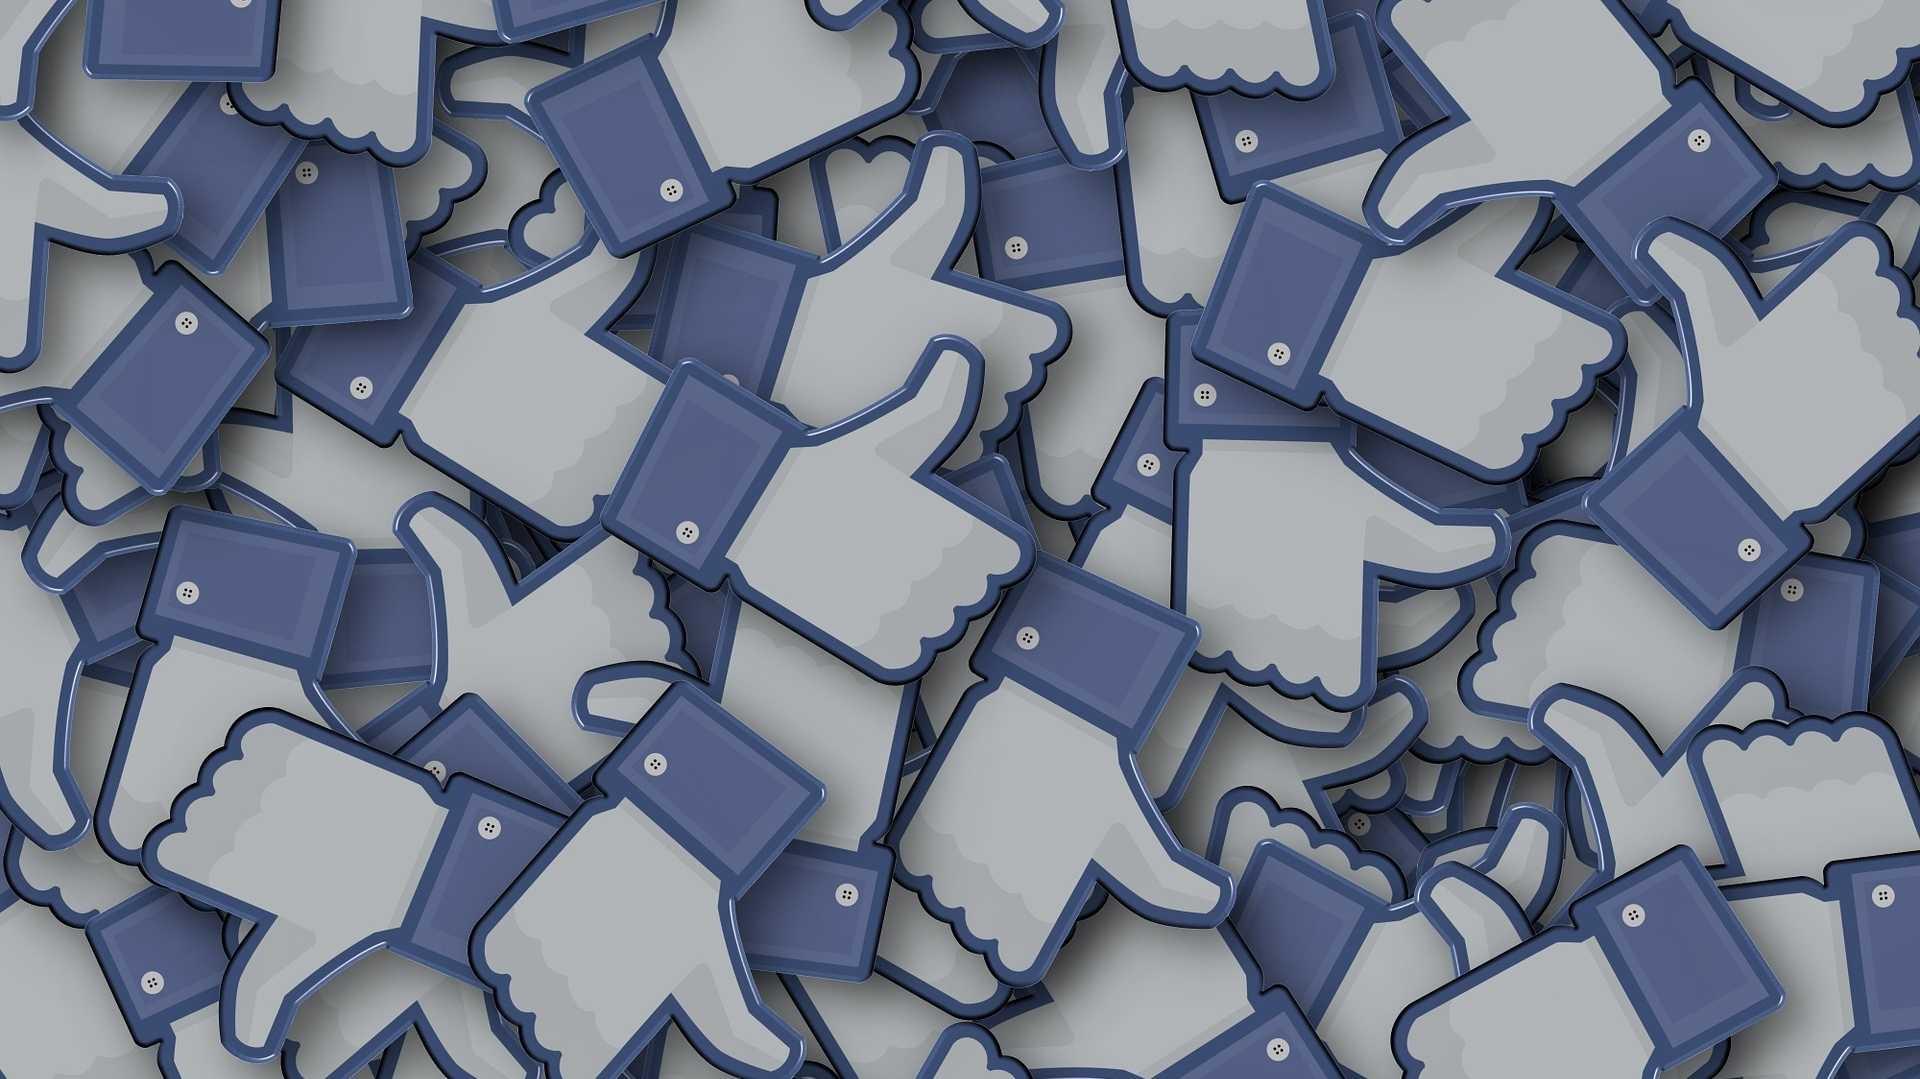 Cambridge Analytica speicherte Facebook-Daten angeblich bis 2017